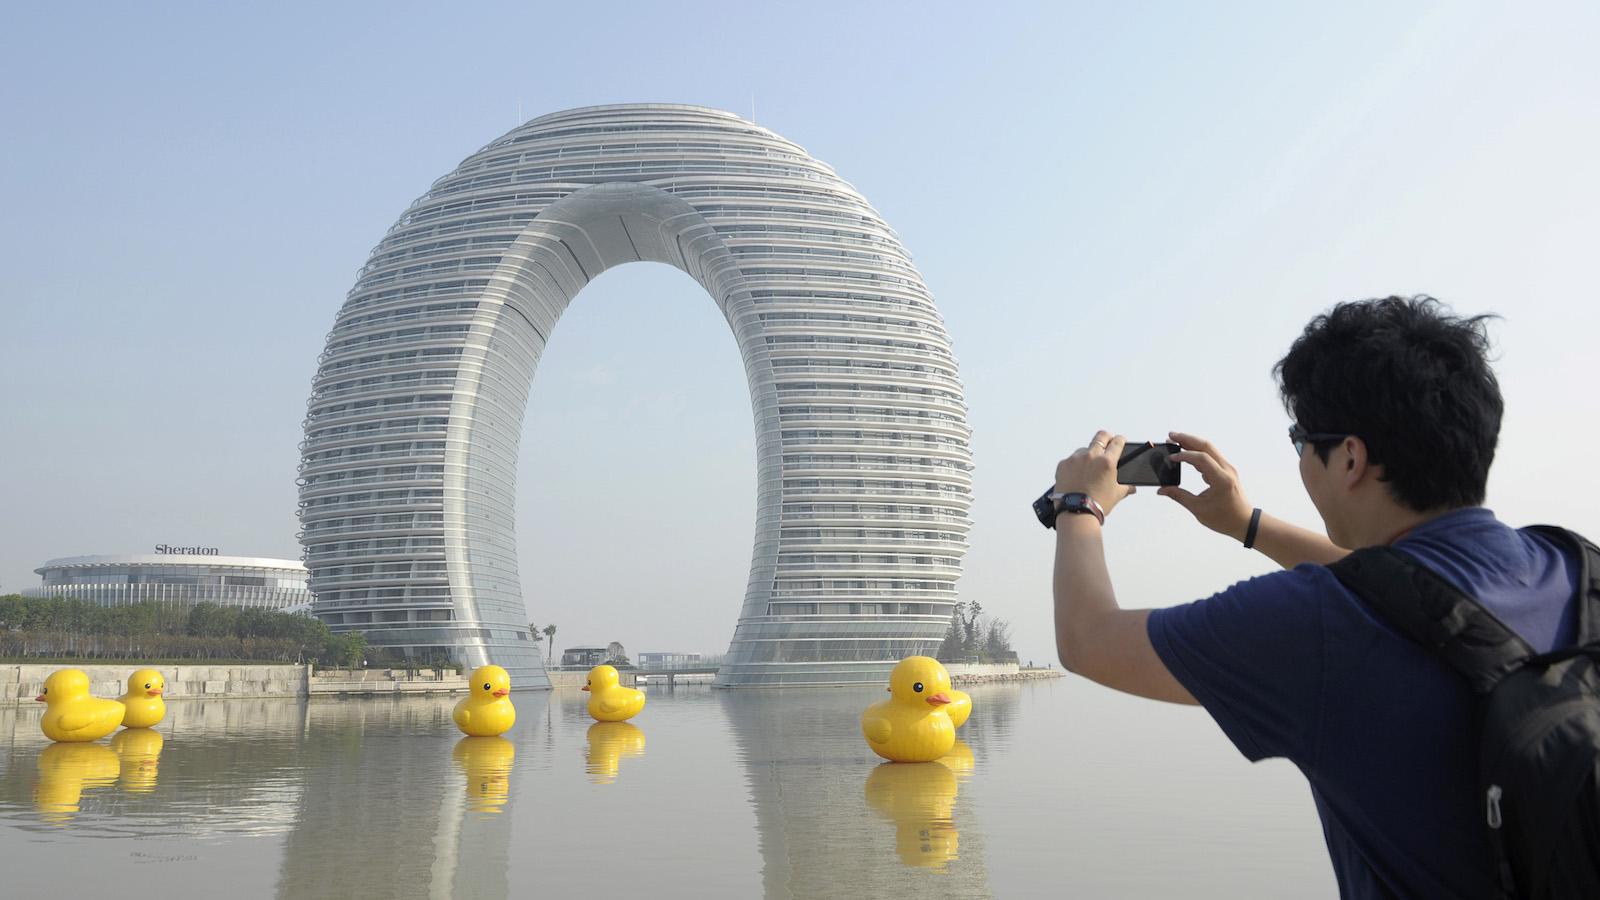 Sheraton Huzhou Hot Spring Resort and hotel in China